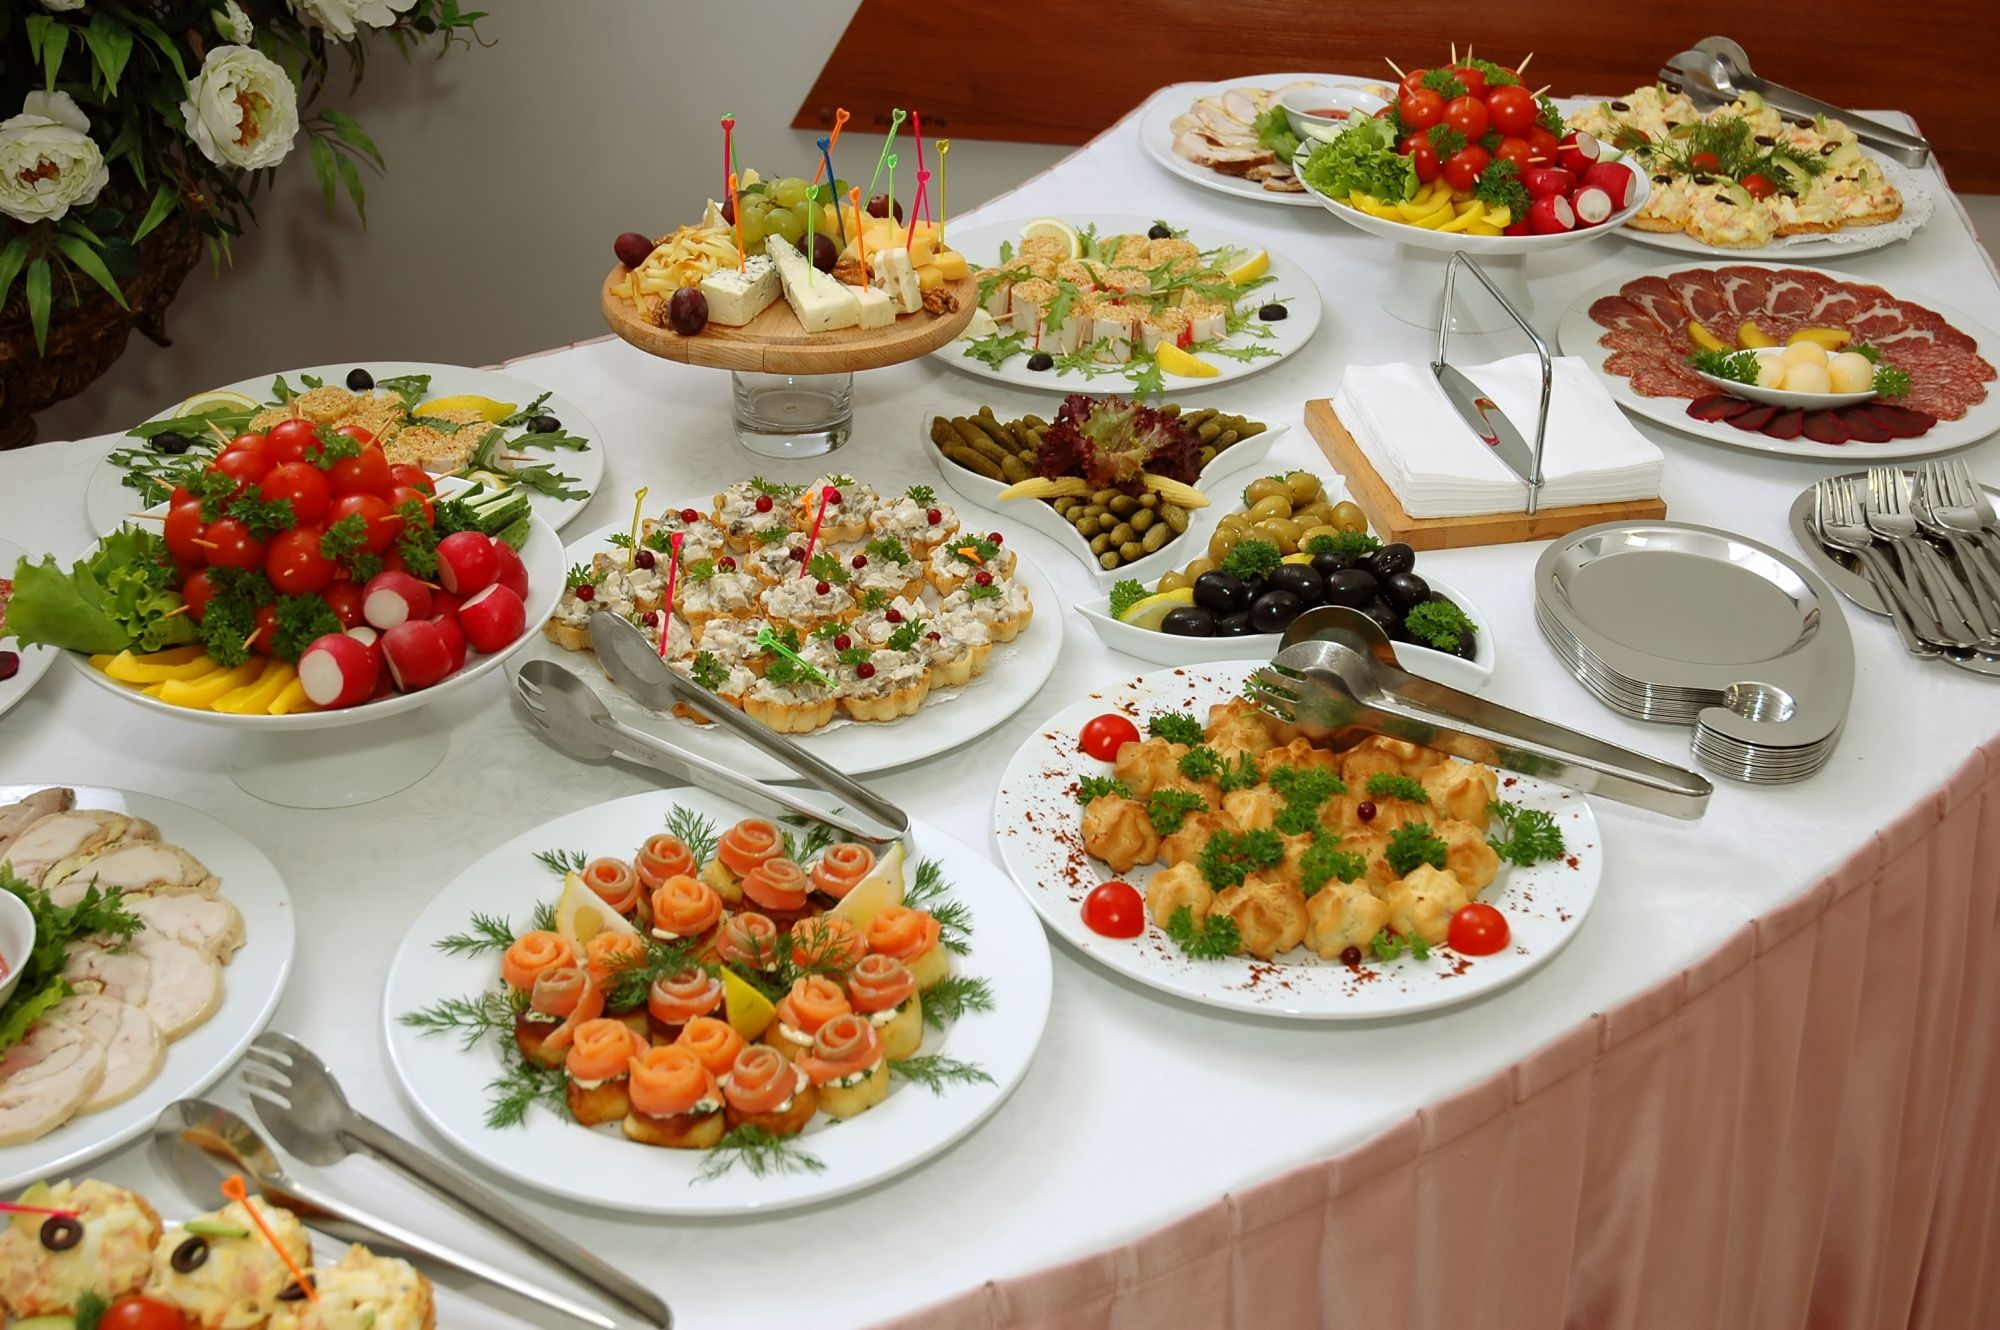 صور عشاء فخم , صور لعشاء فخم لن ينساه المدعوين